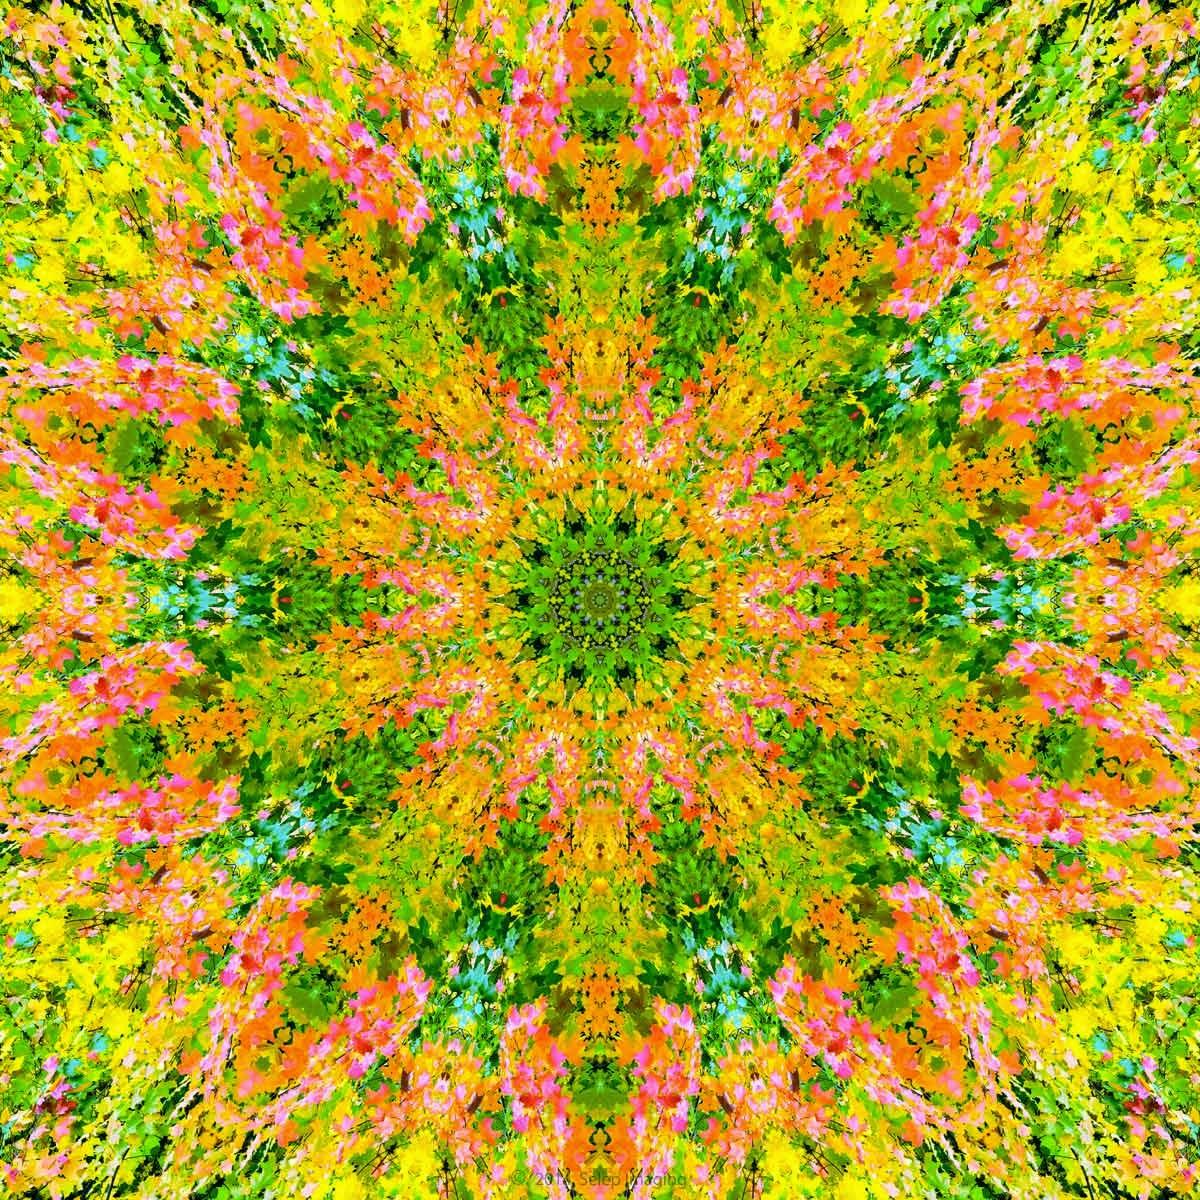 Kaleidoscope photo art by Jeanne Selep